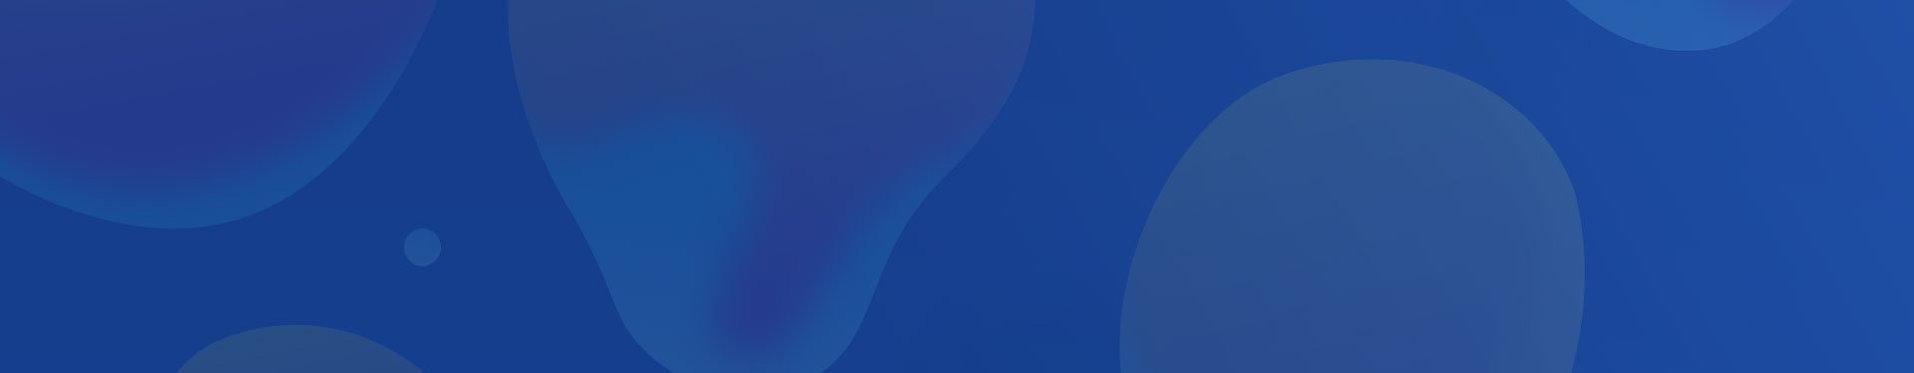 blueback1.jpg